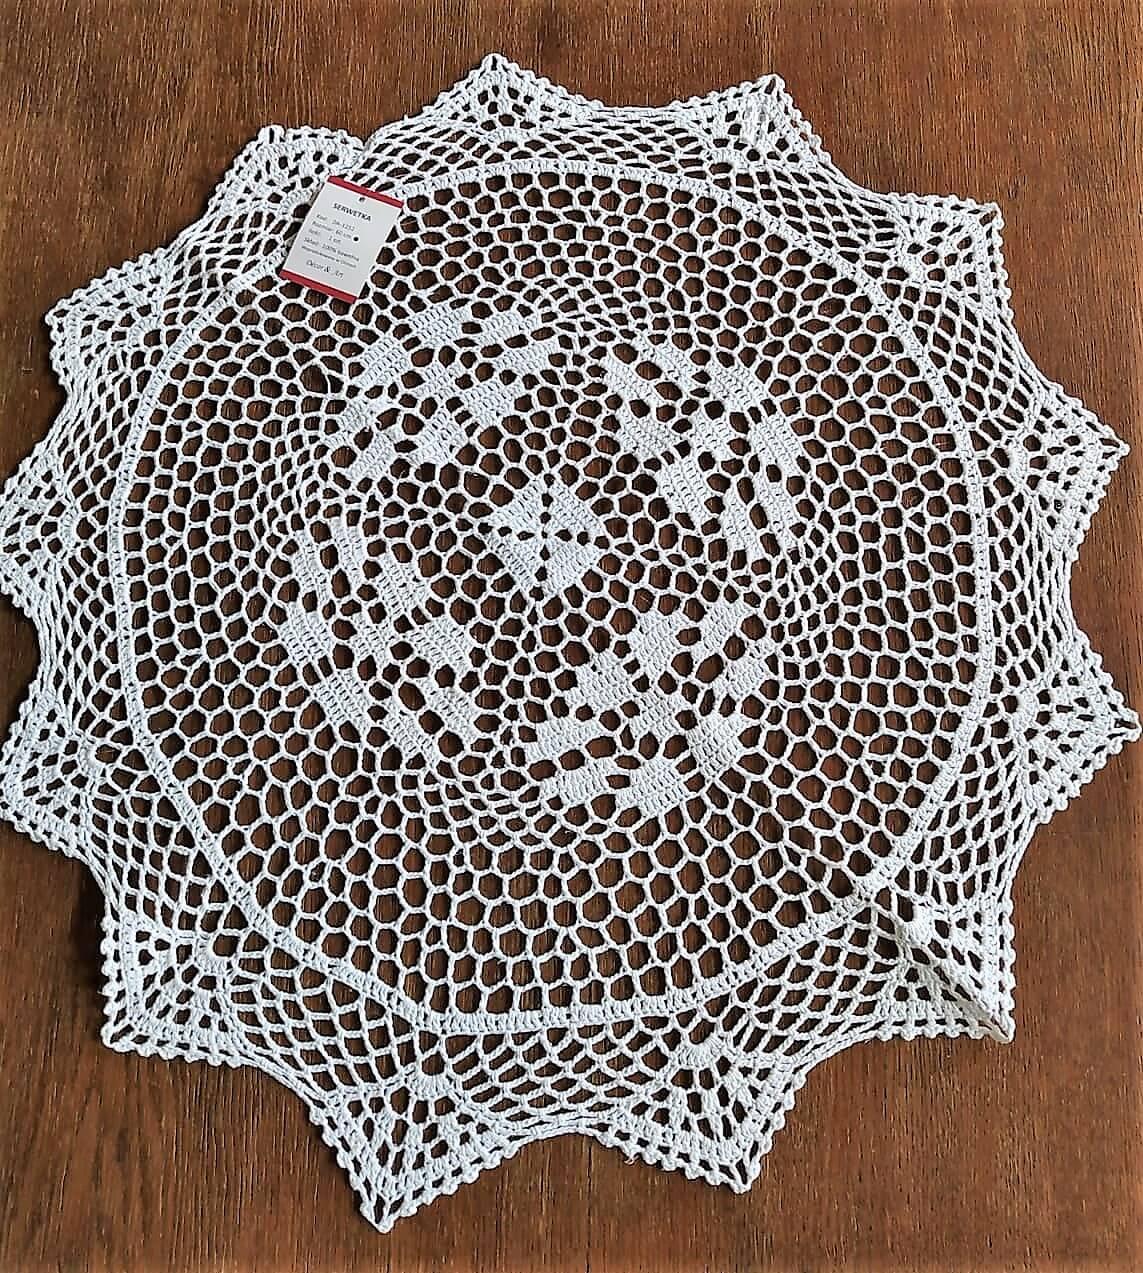 Serwetka szydełkowa o średnicy 60 cm w kolorze białym